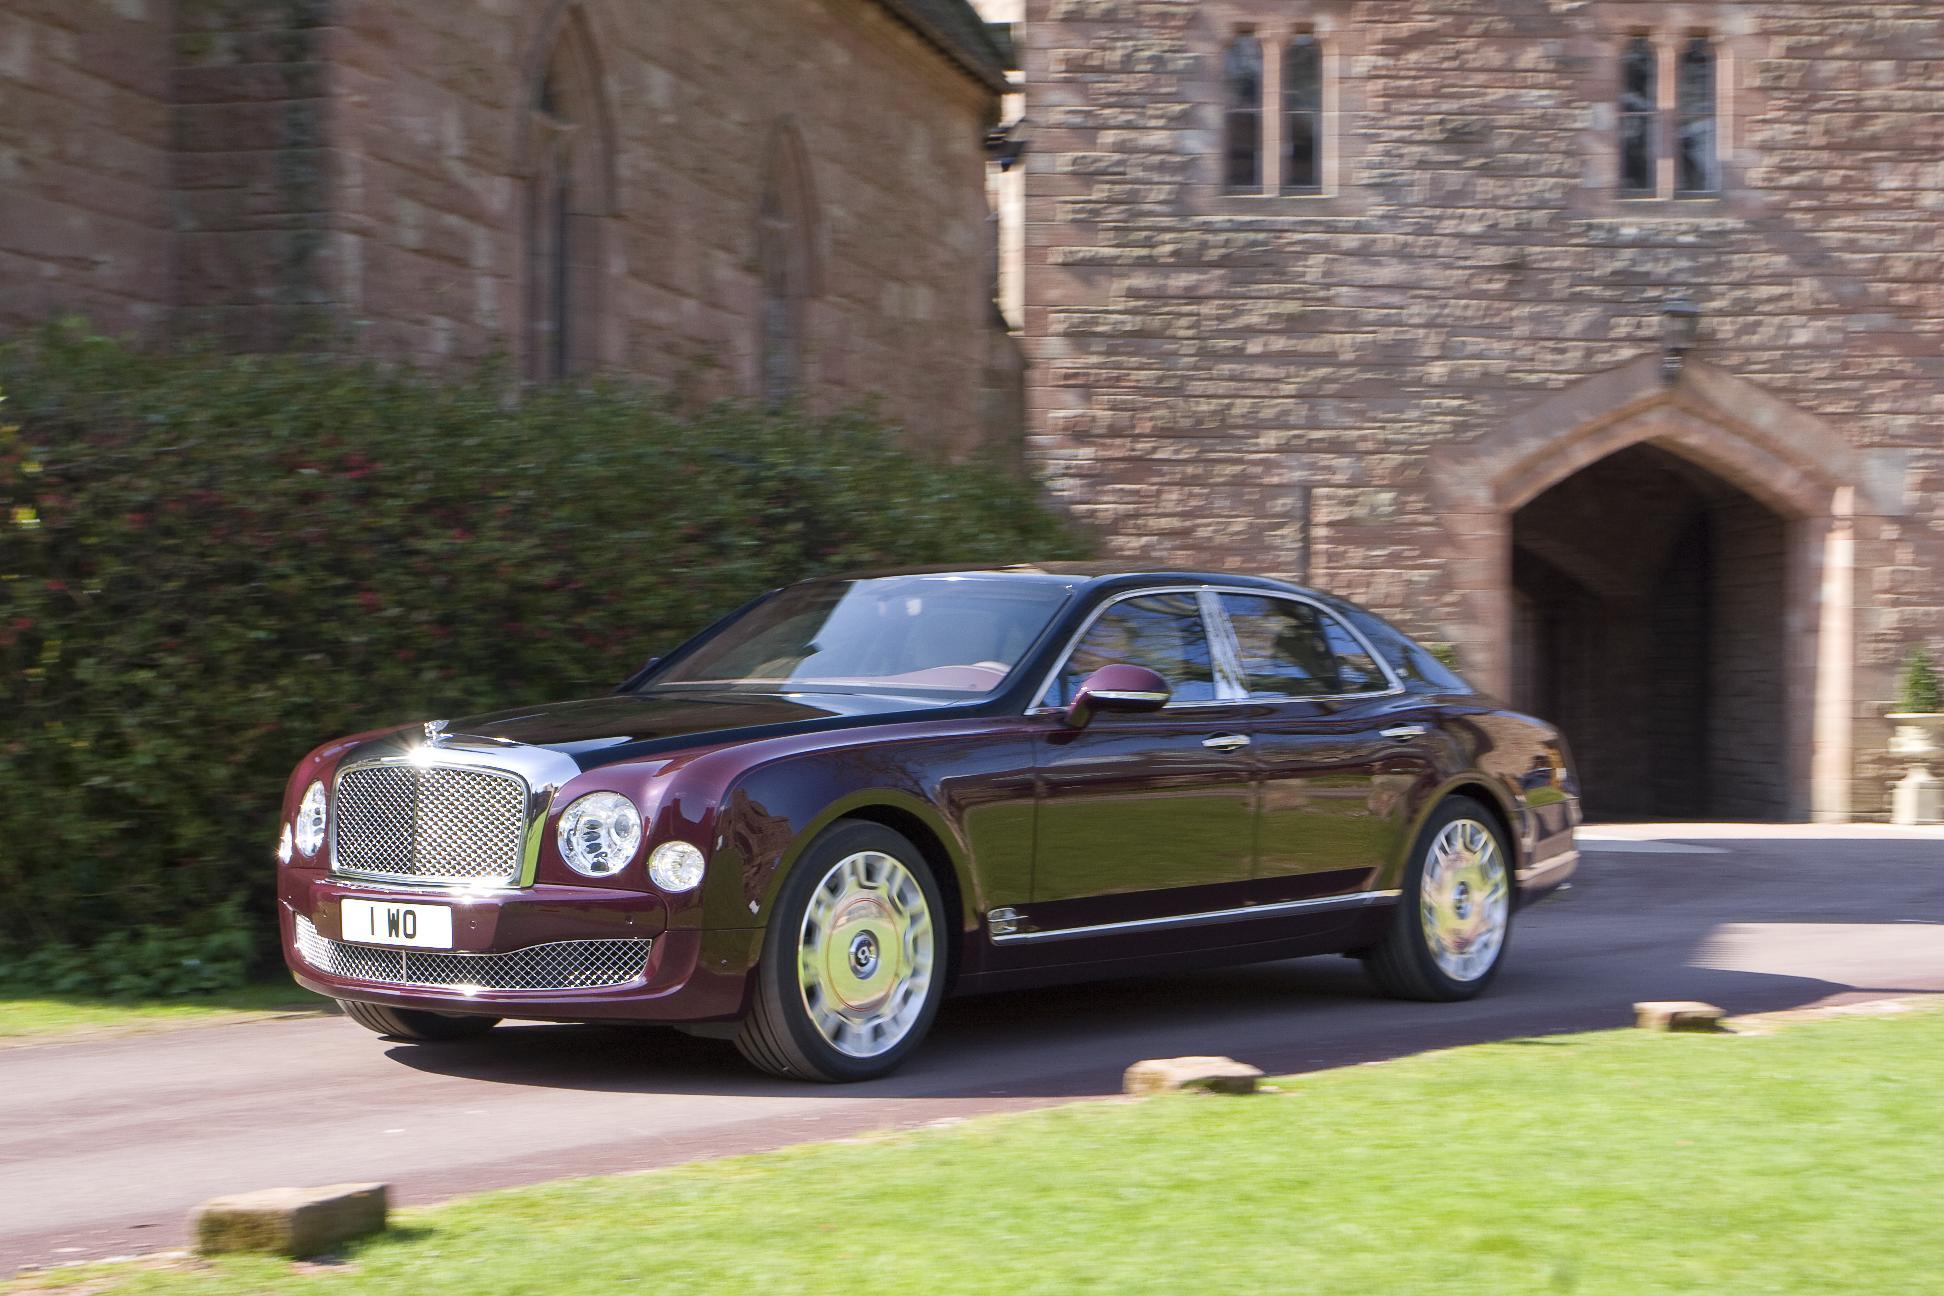 Bentley Mulsanne Diamond Jubilee Edition Side